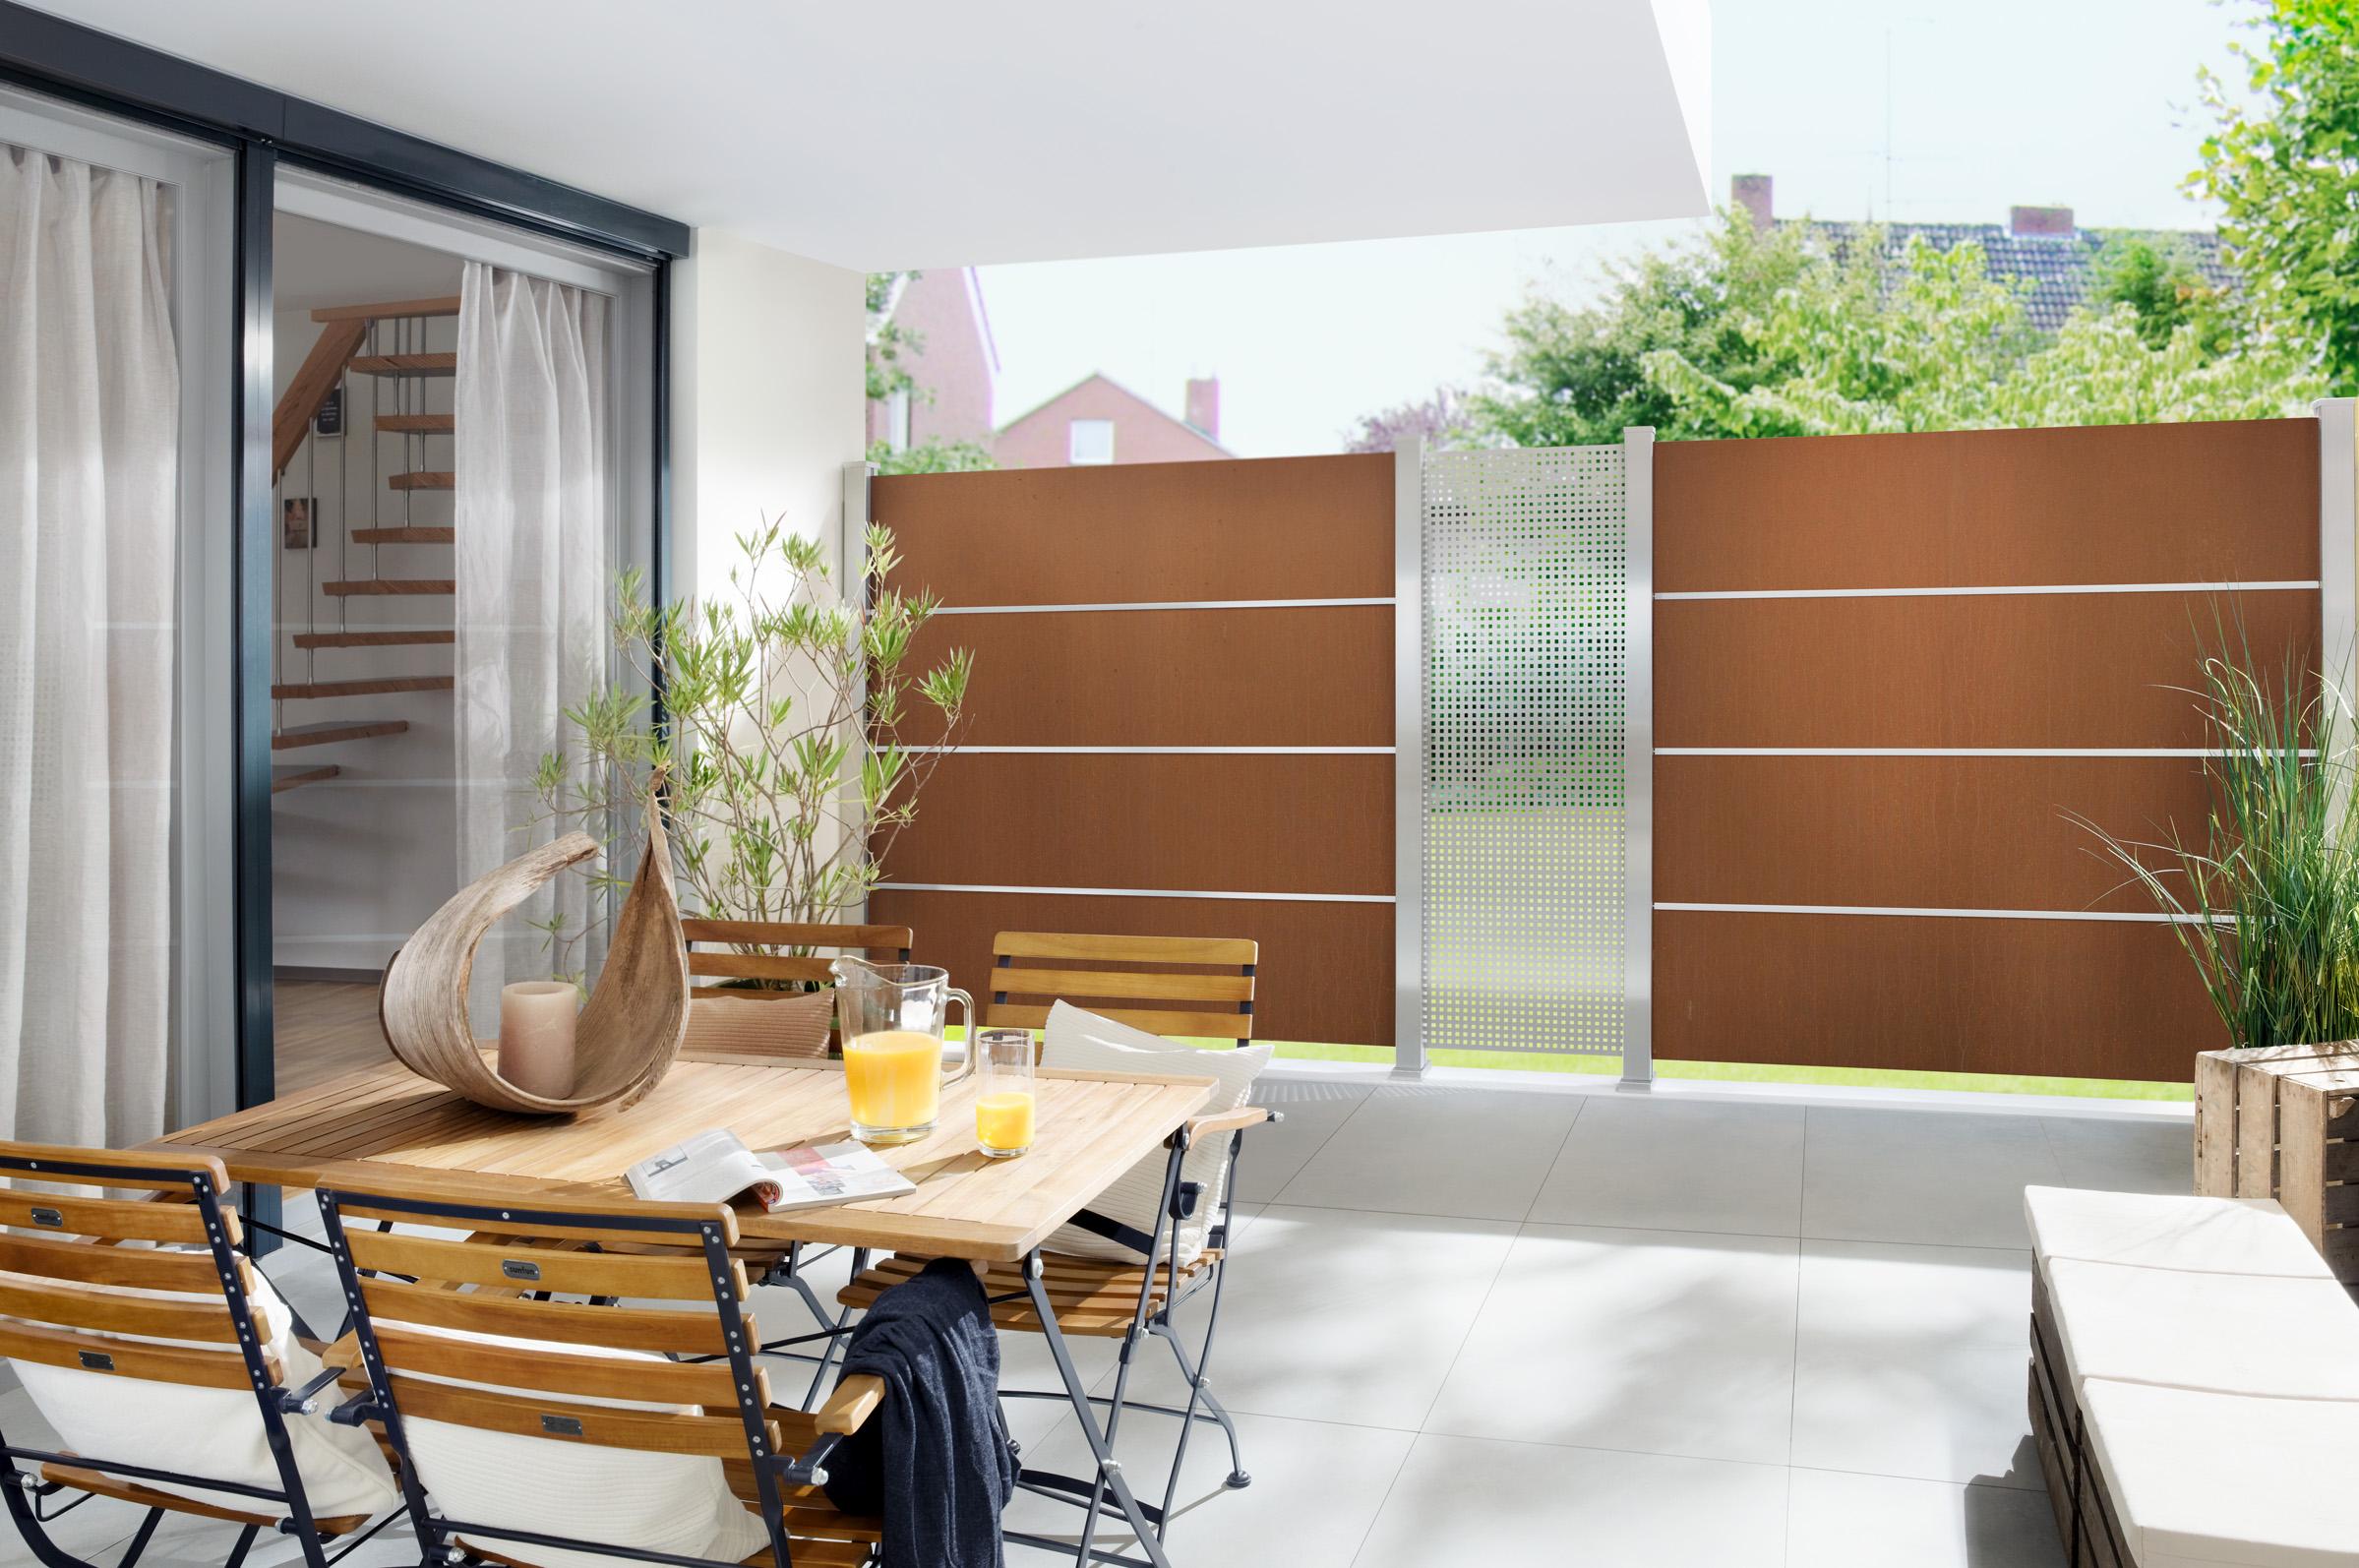 sichtschutz aus edelrost. Black Bedroom Furniture Sets. Home Design Ideas